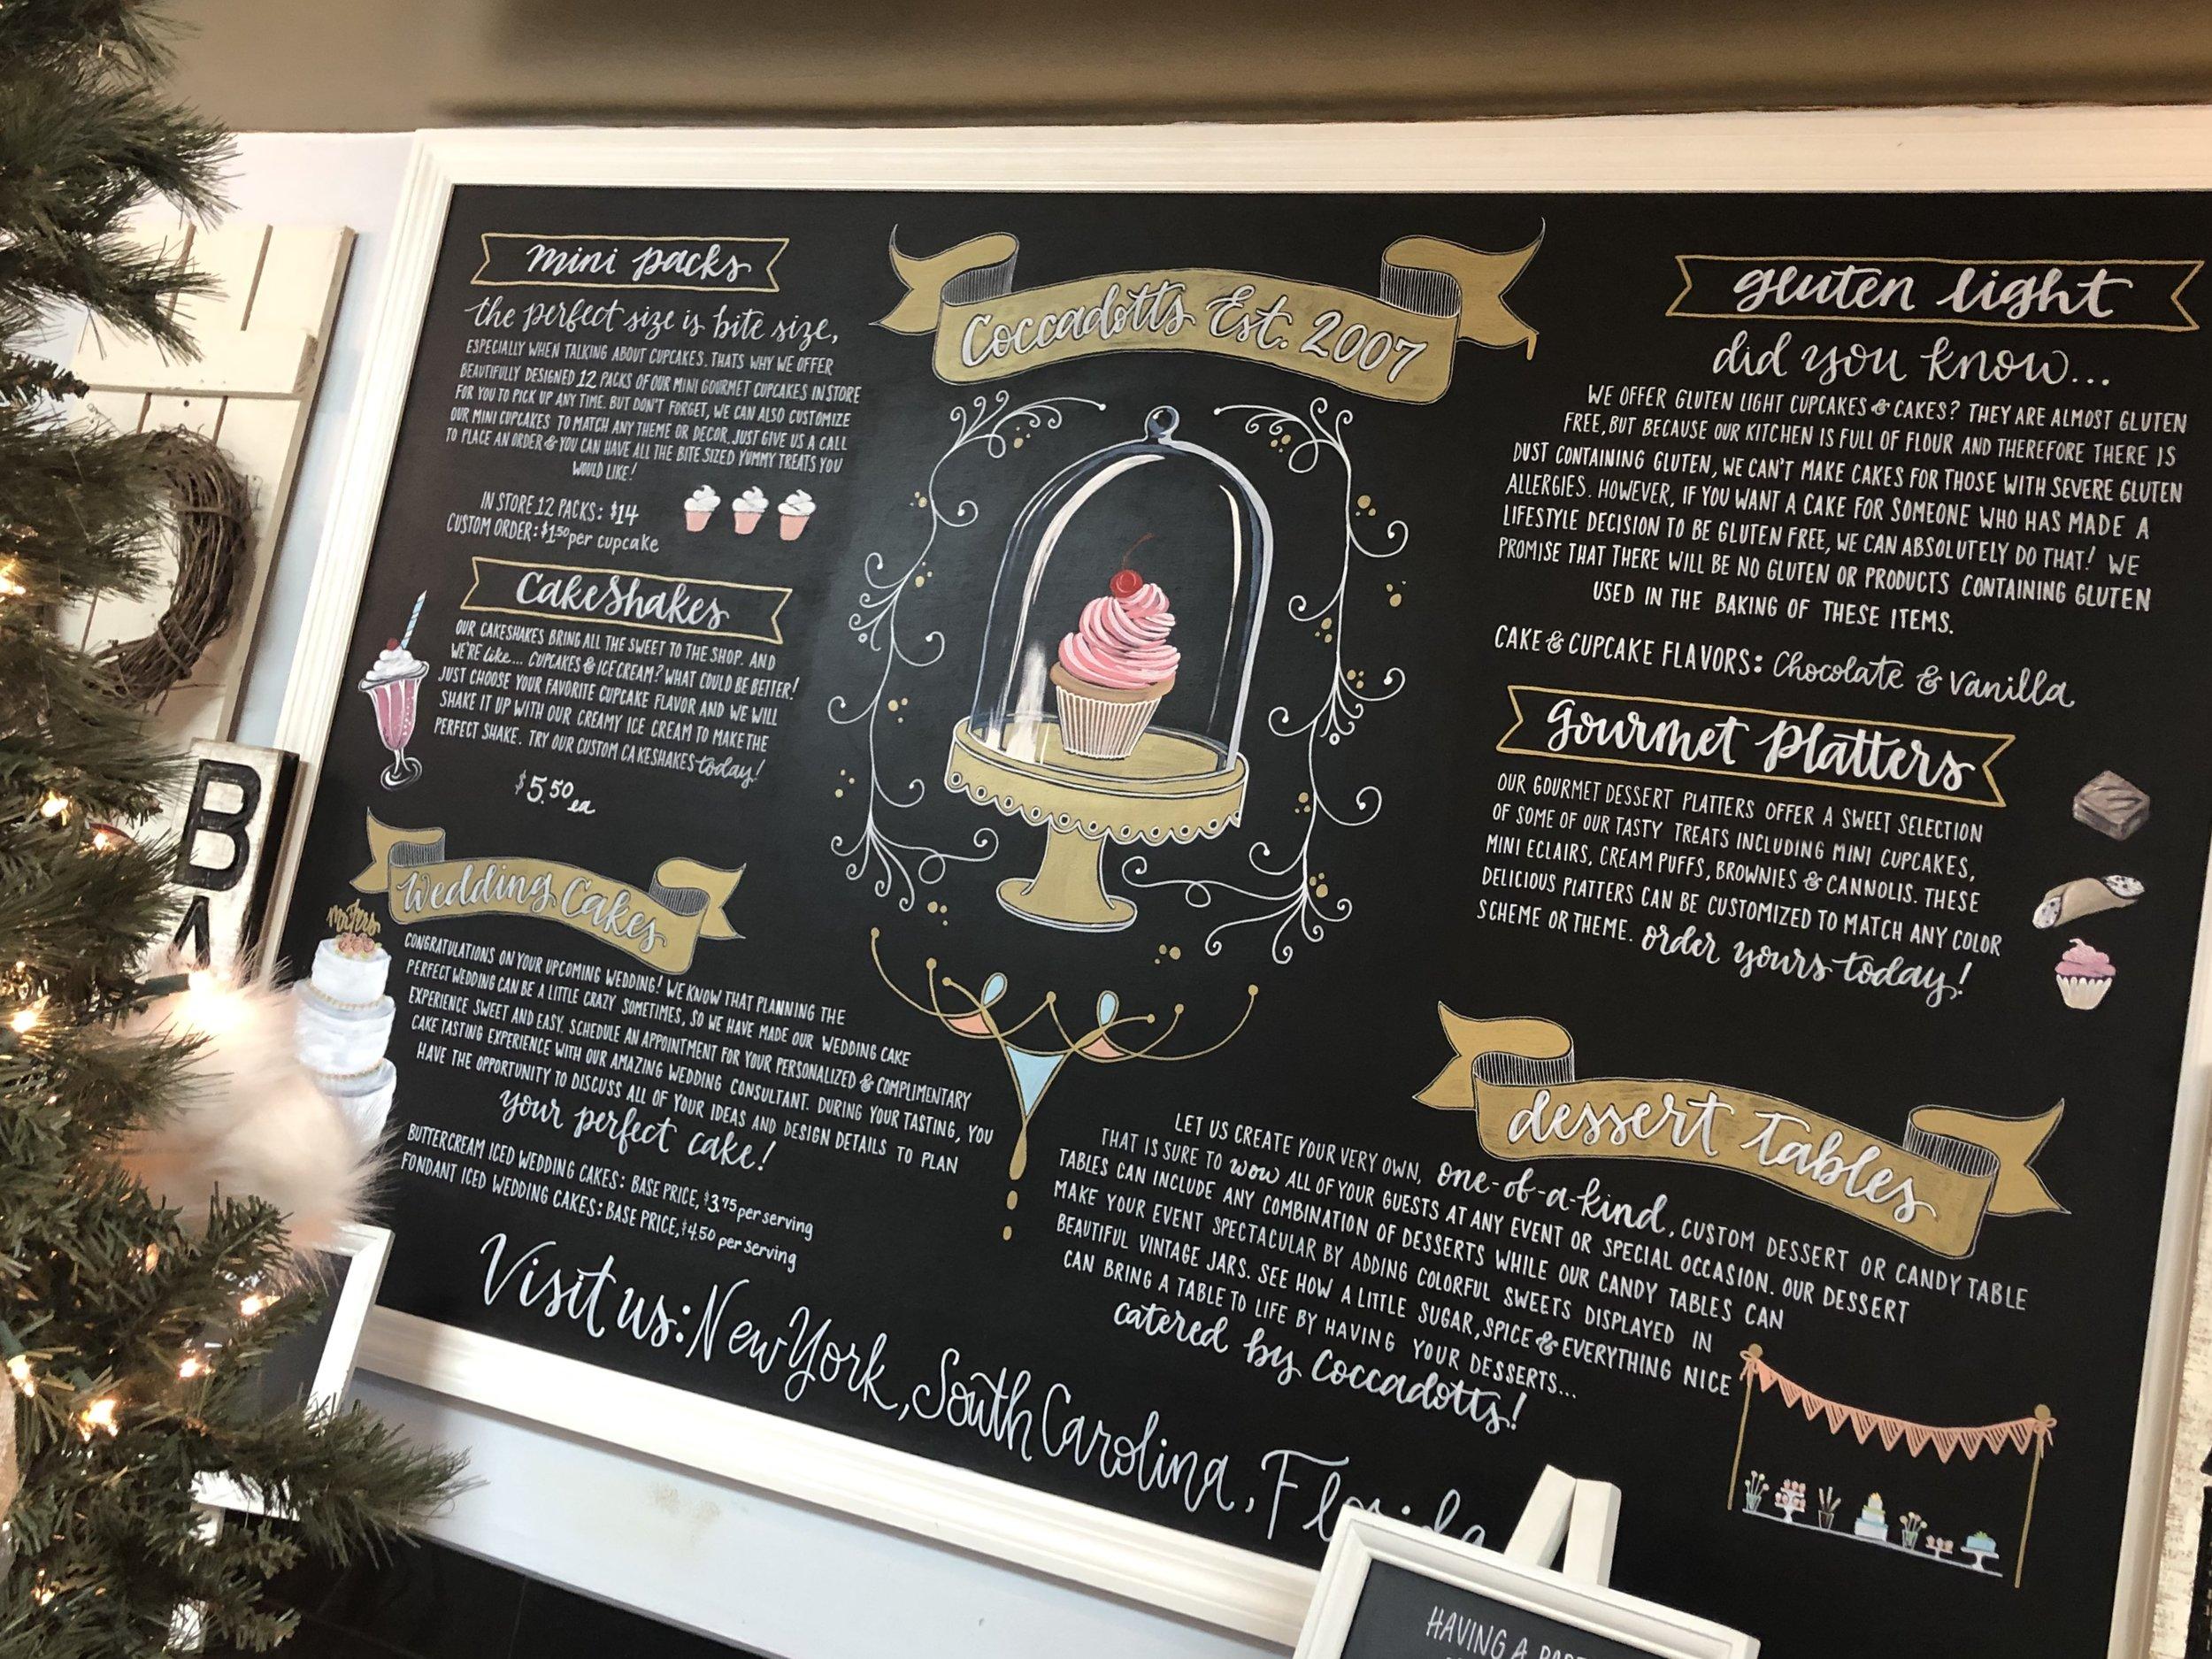 coccadotts Cake Shop Albany, NY — Sam the Blogger